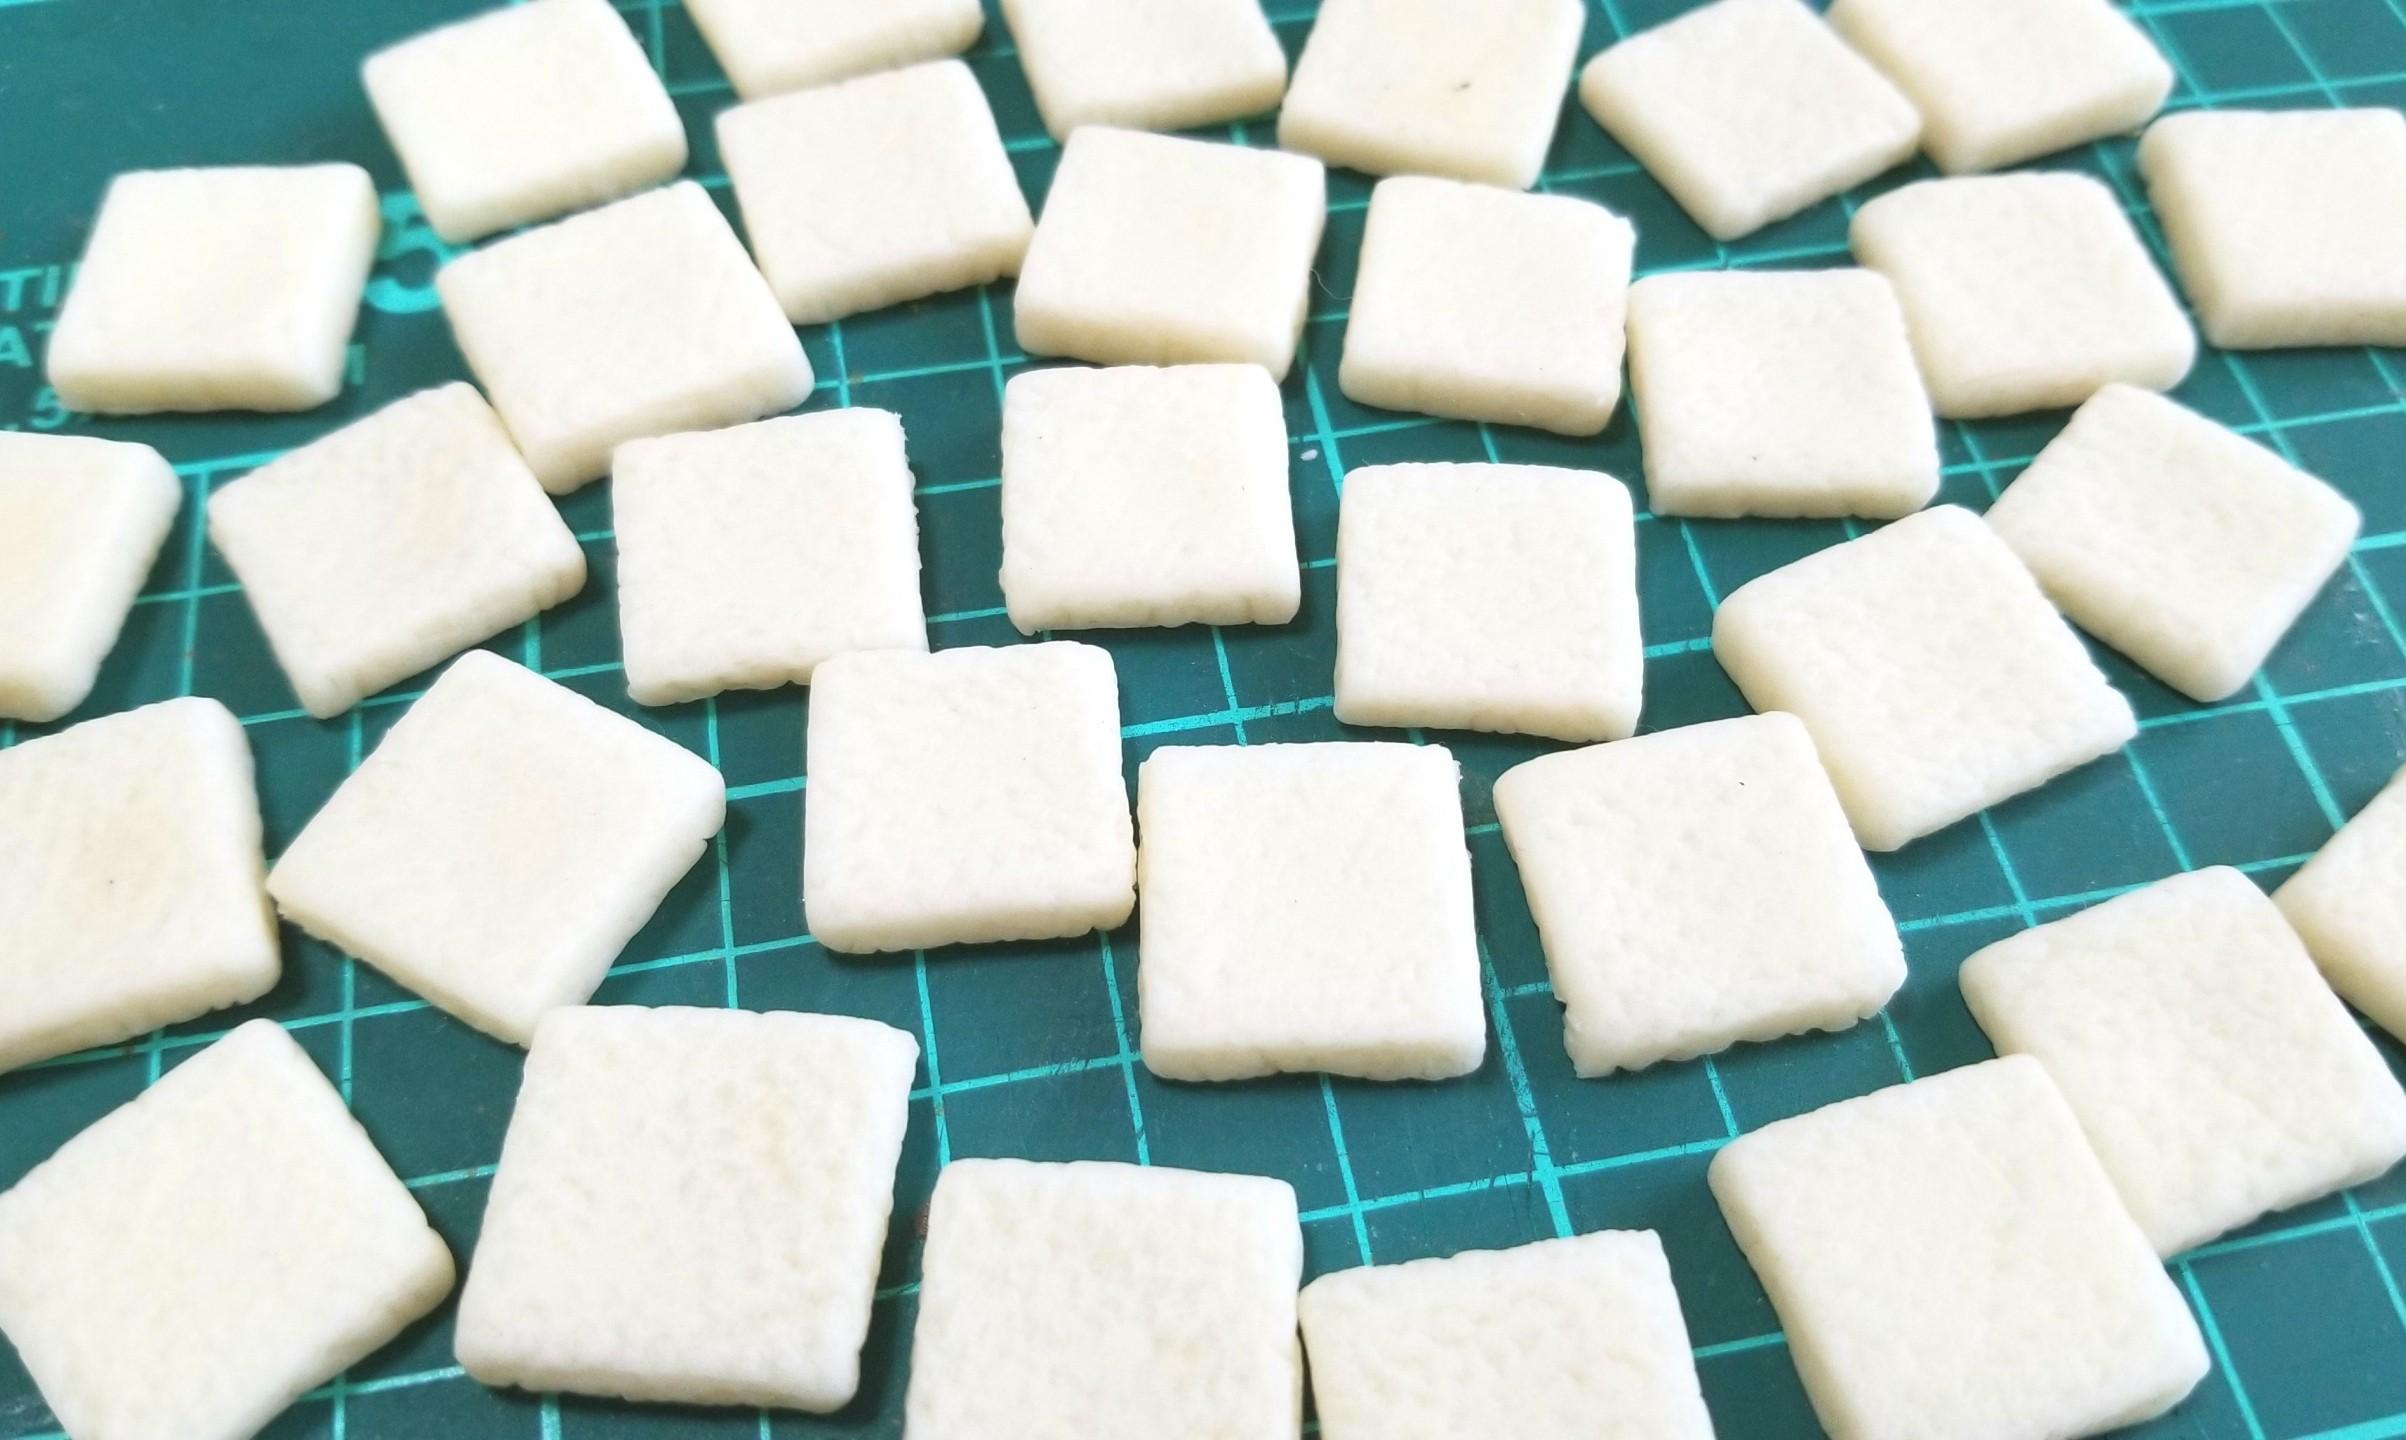 ラピュタパン,トースト,作り方,樹脂粘土,食パン,ドールハウス,ジブリ